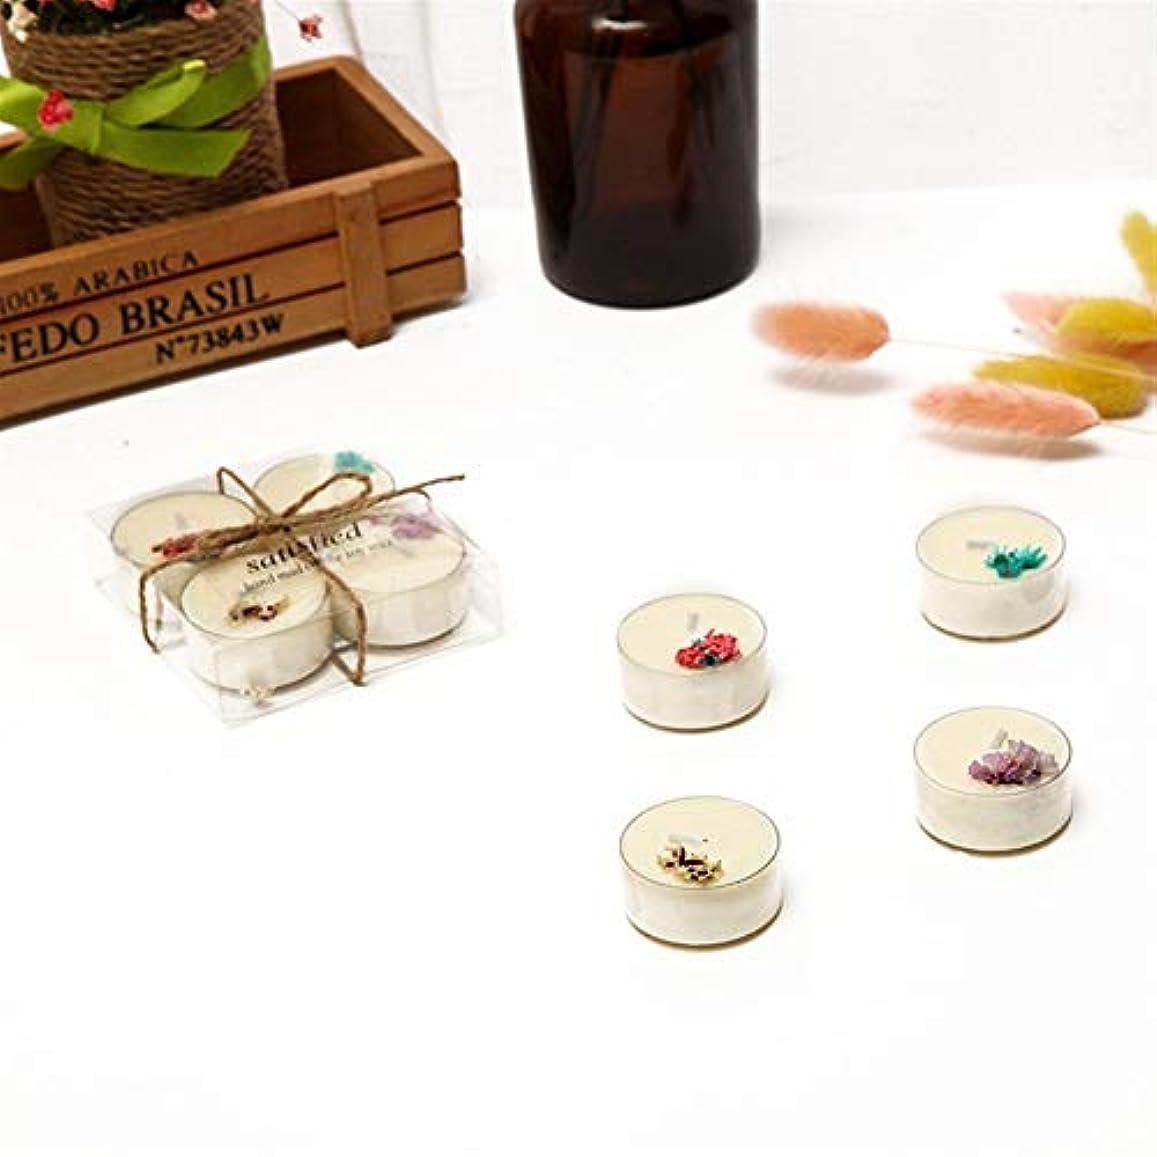 司書クランプ促進するGuomao 4つの花小さな茶ワックスガラスボトルアロマセラピーガラスカップ非毒性環境保護 (色 : Lavender)